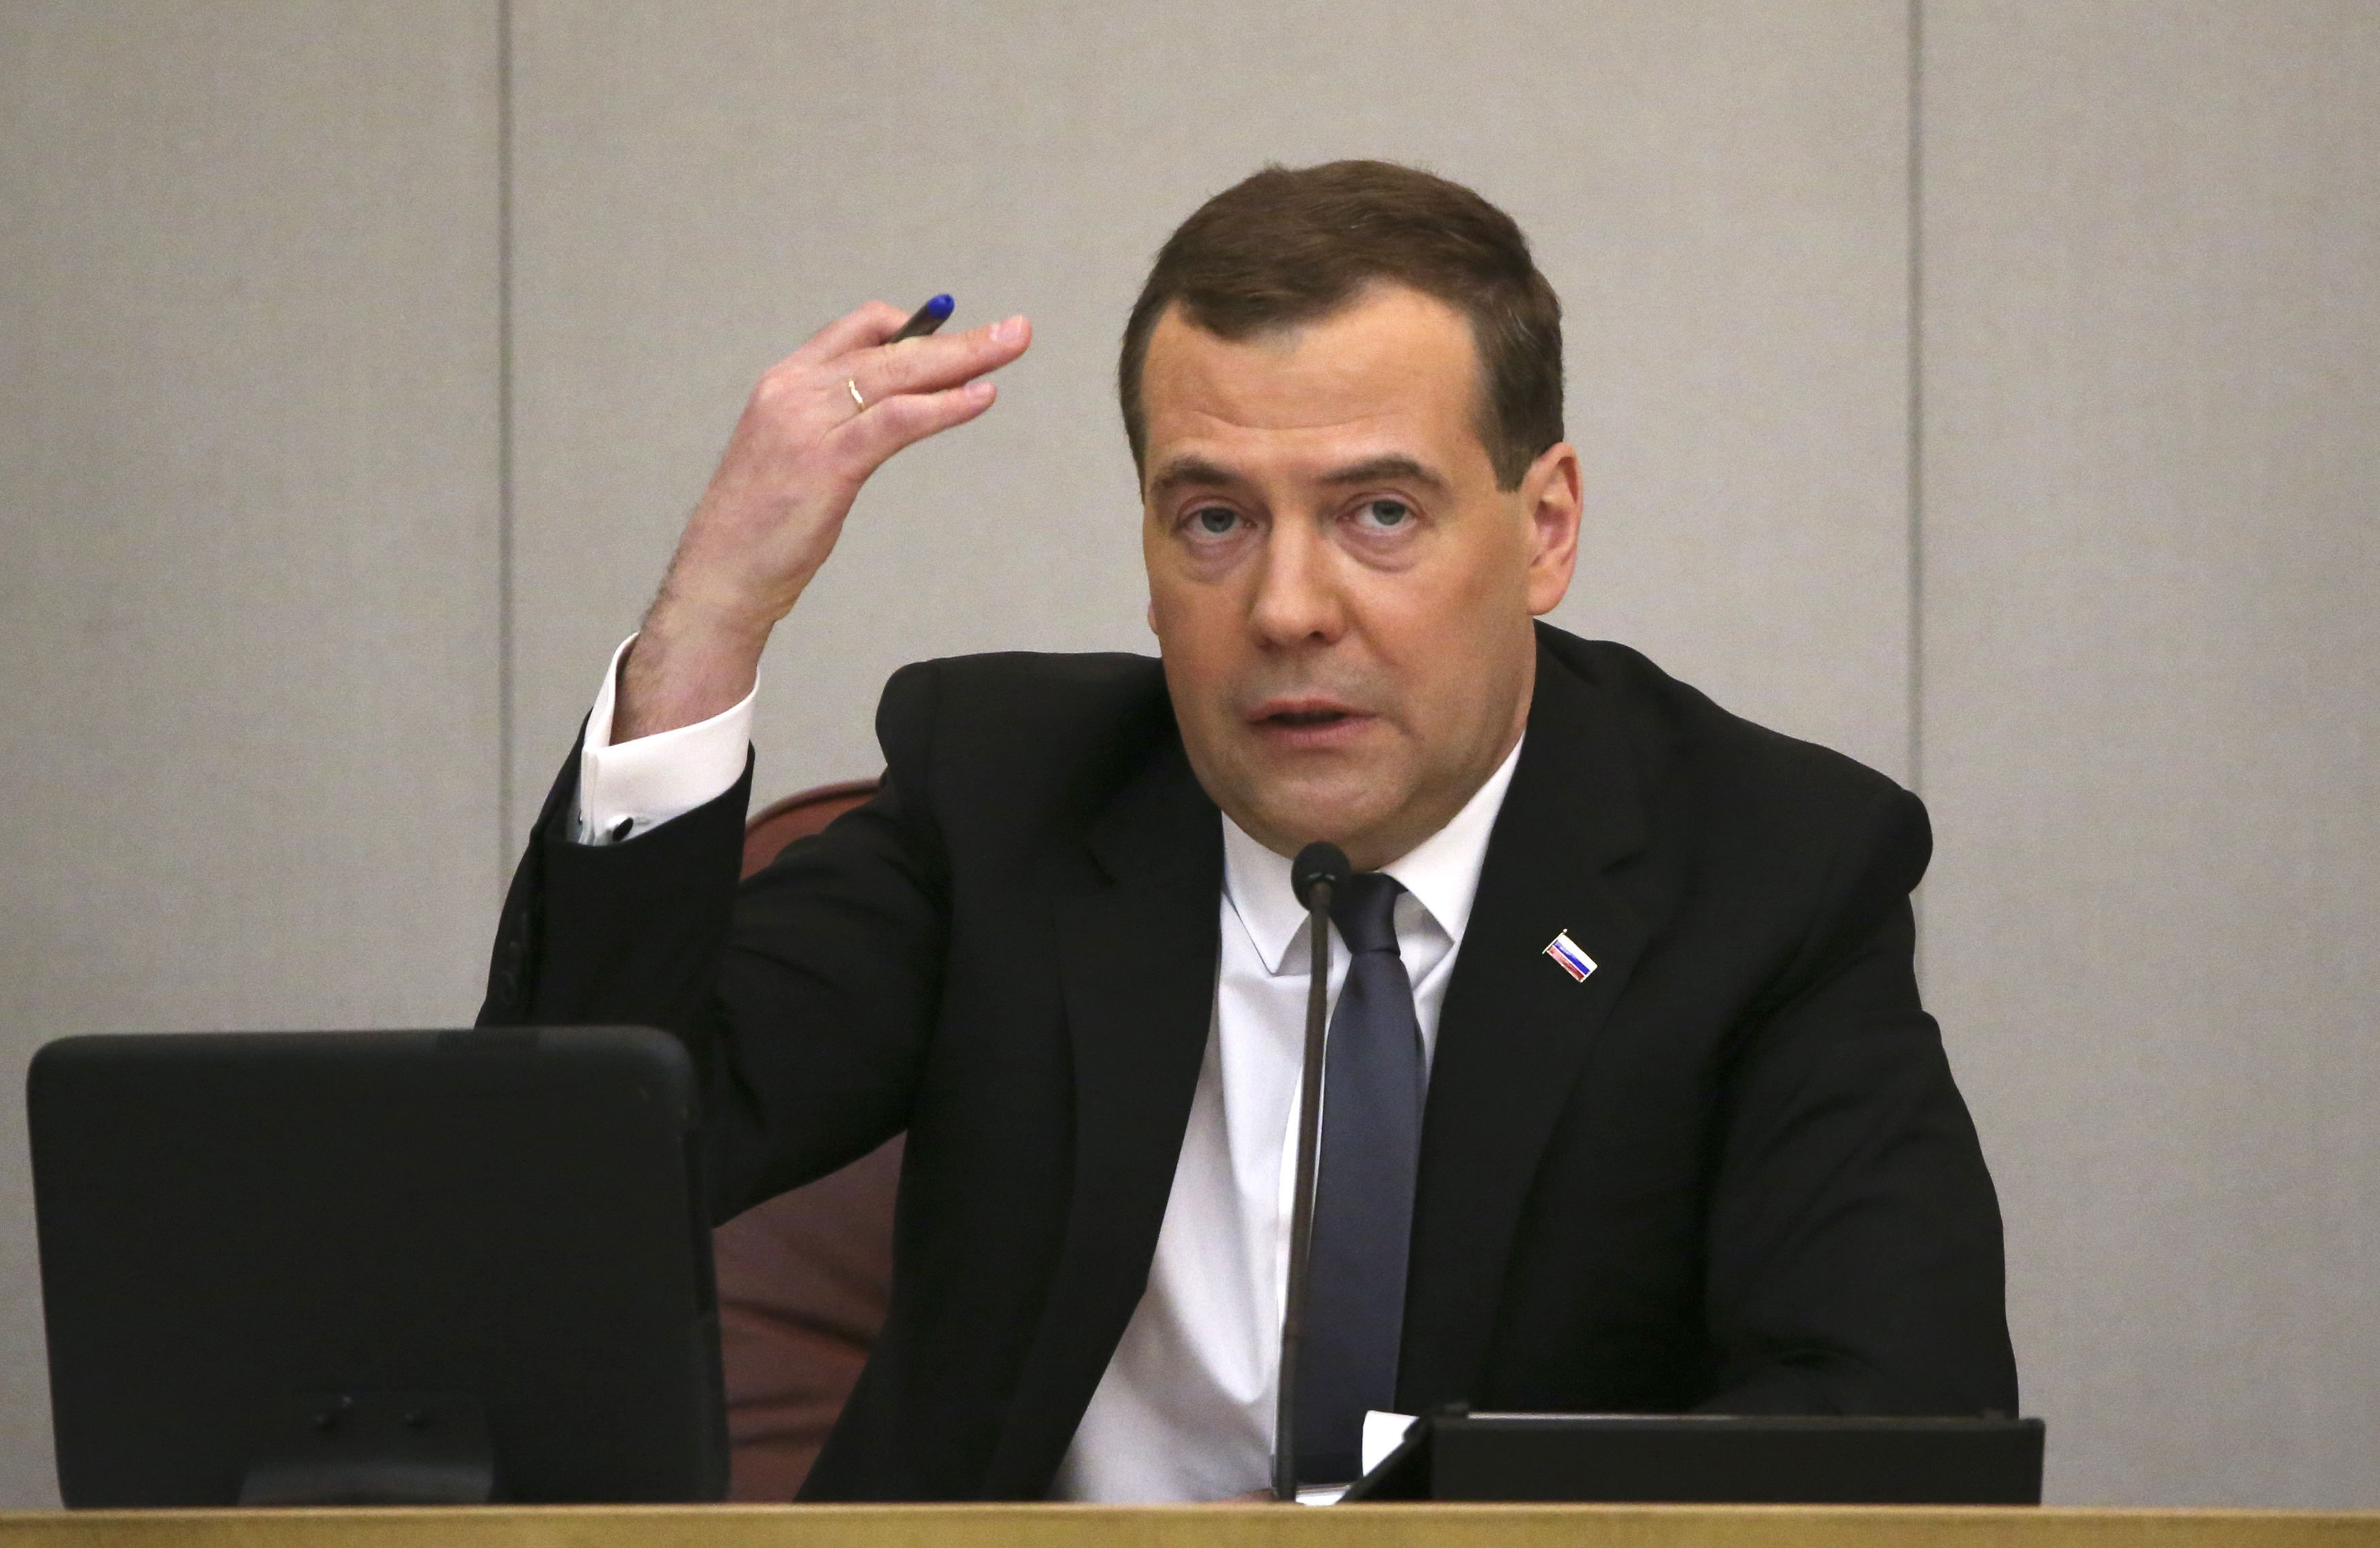 Эксперт сообщил, что Дмитрий Медведев на должности премьера мешал экспансии путинской мафии - Новости России